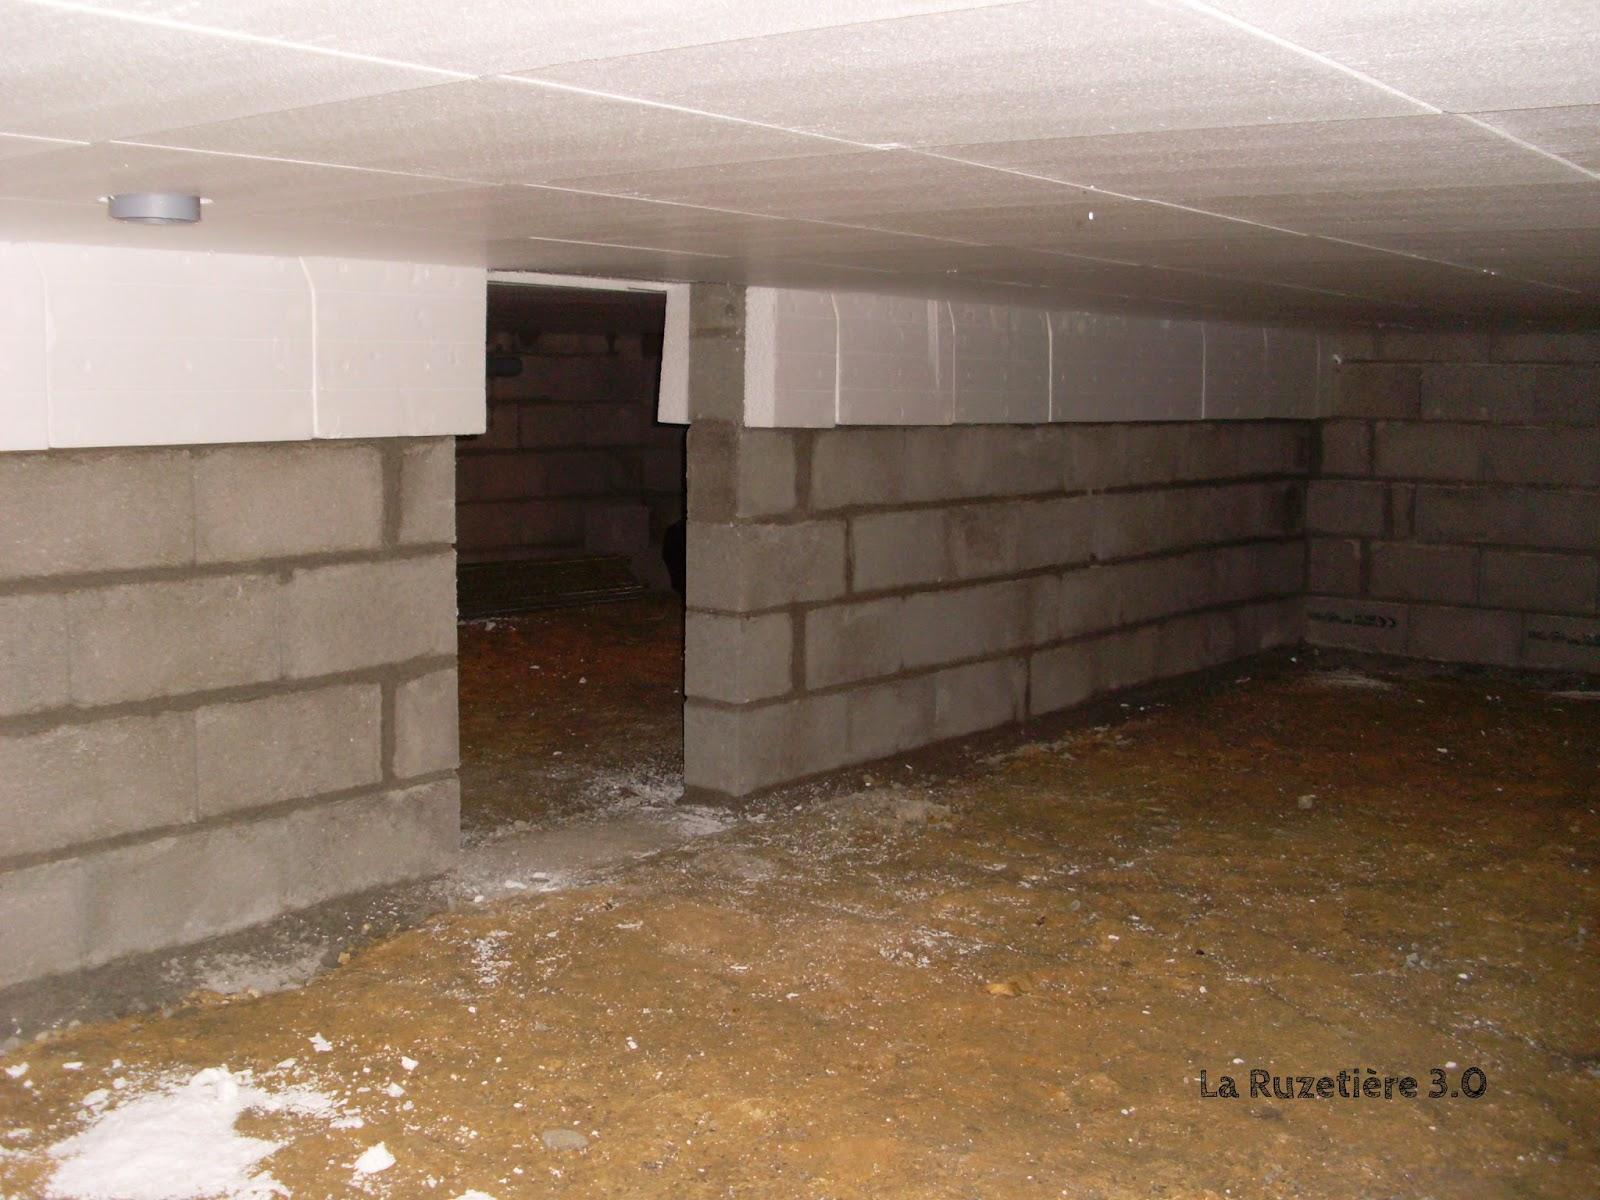 La ruzeti re 3 0 maison ossature bois rt 2012 plancher vide sanitaire 1e - Transformer un vide sanitaire en sous sol ...